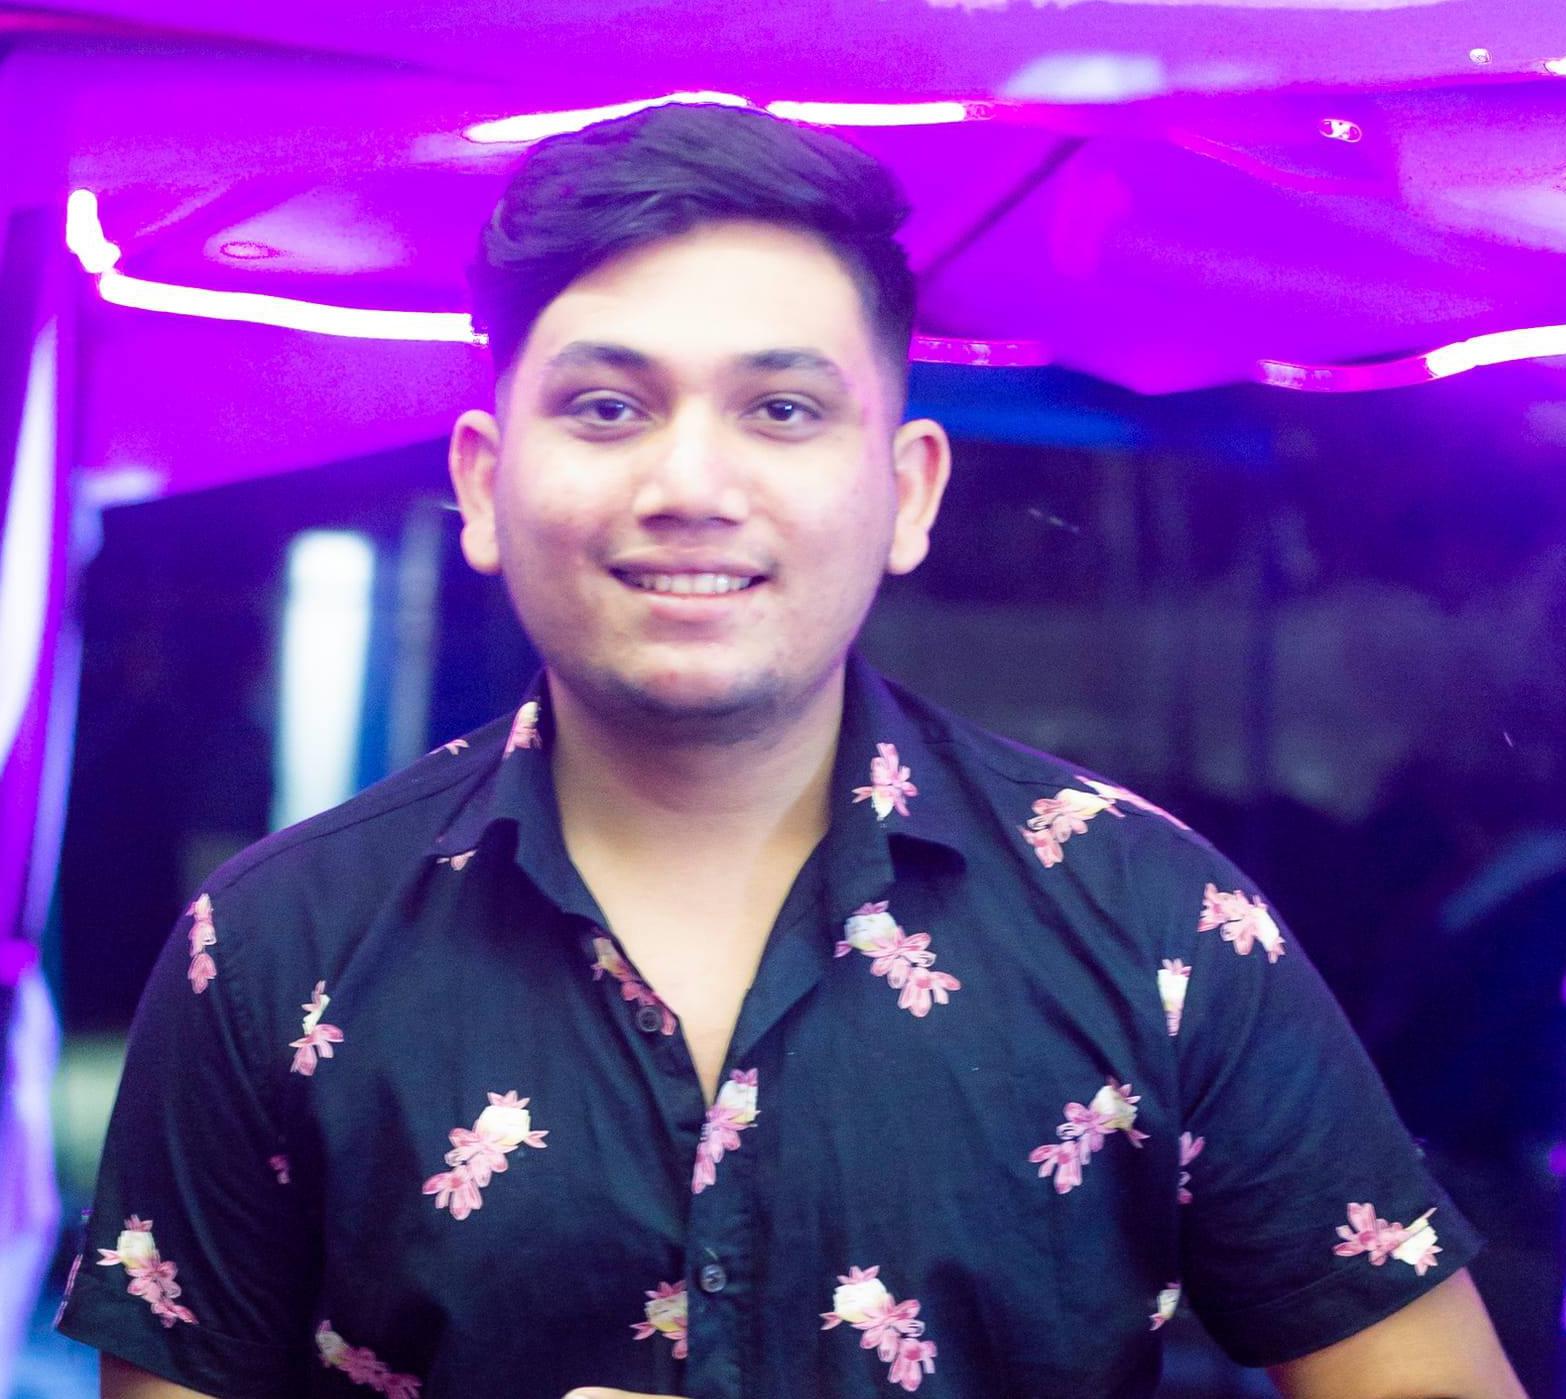 Manish Karki